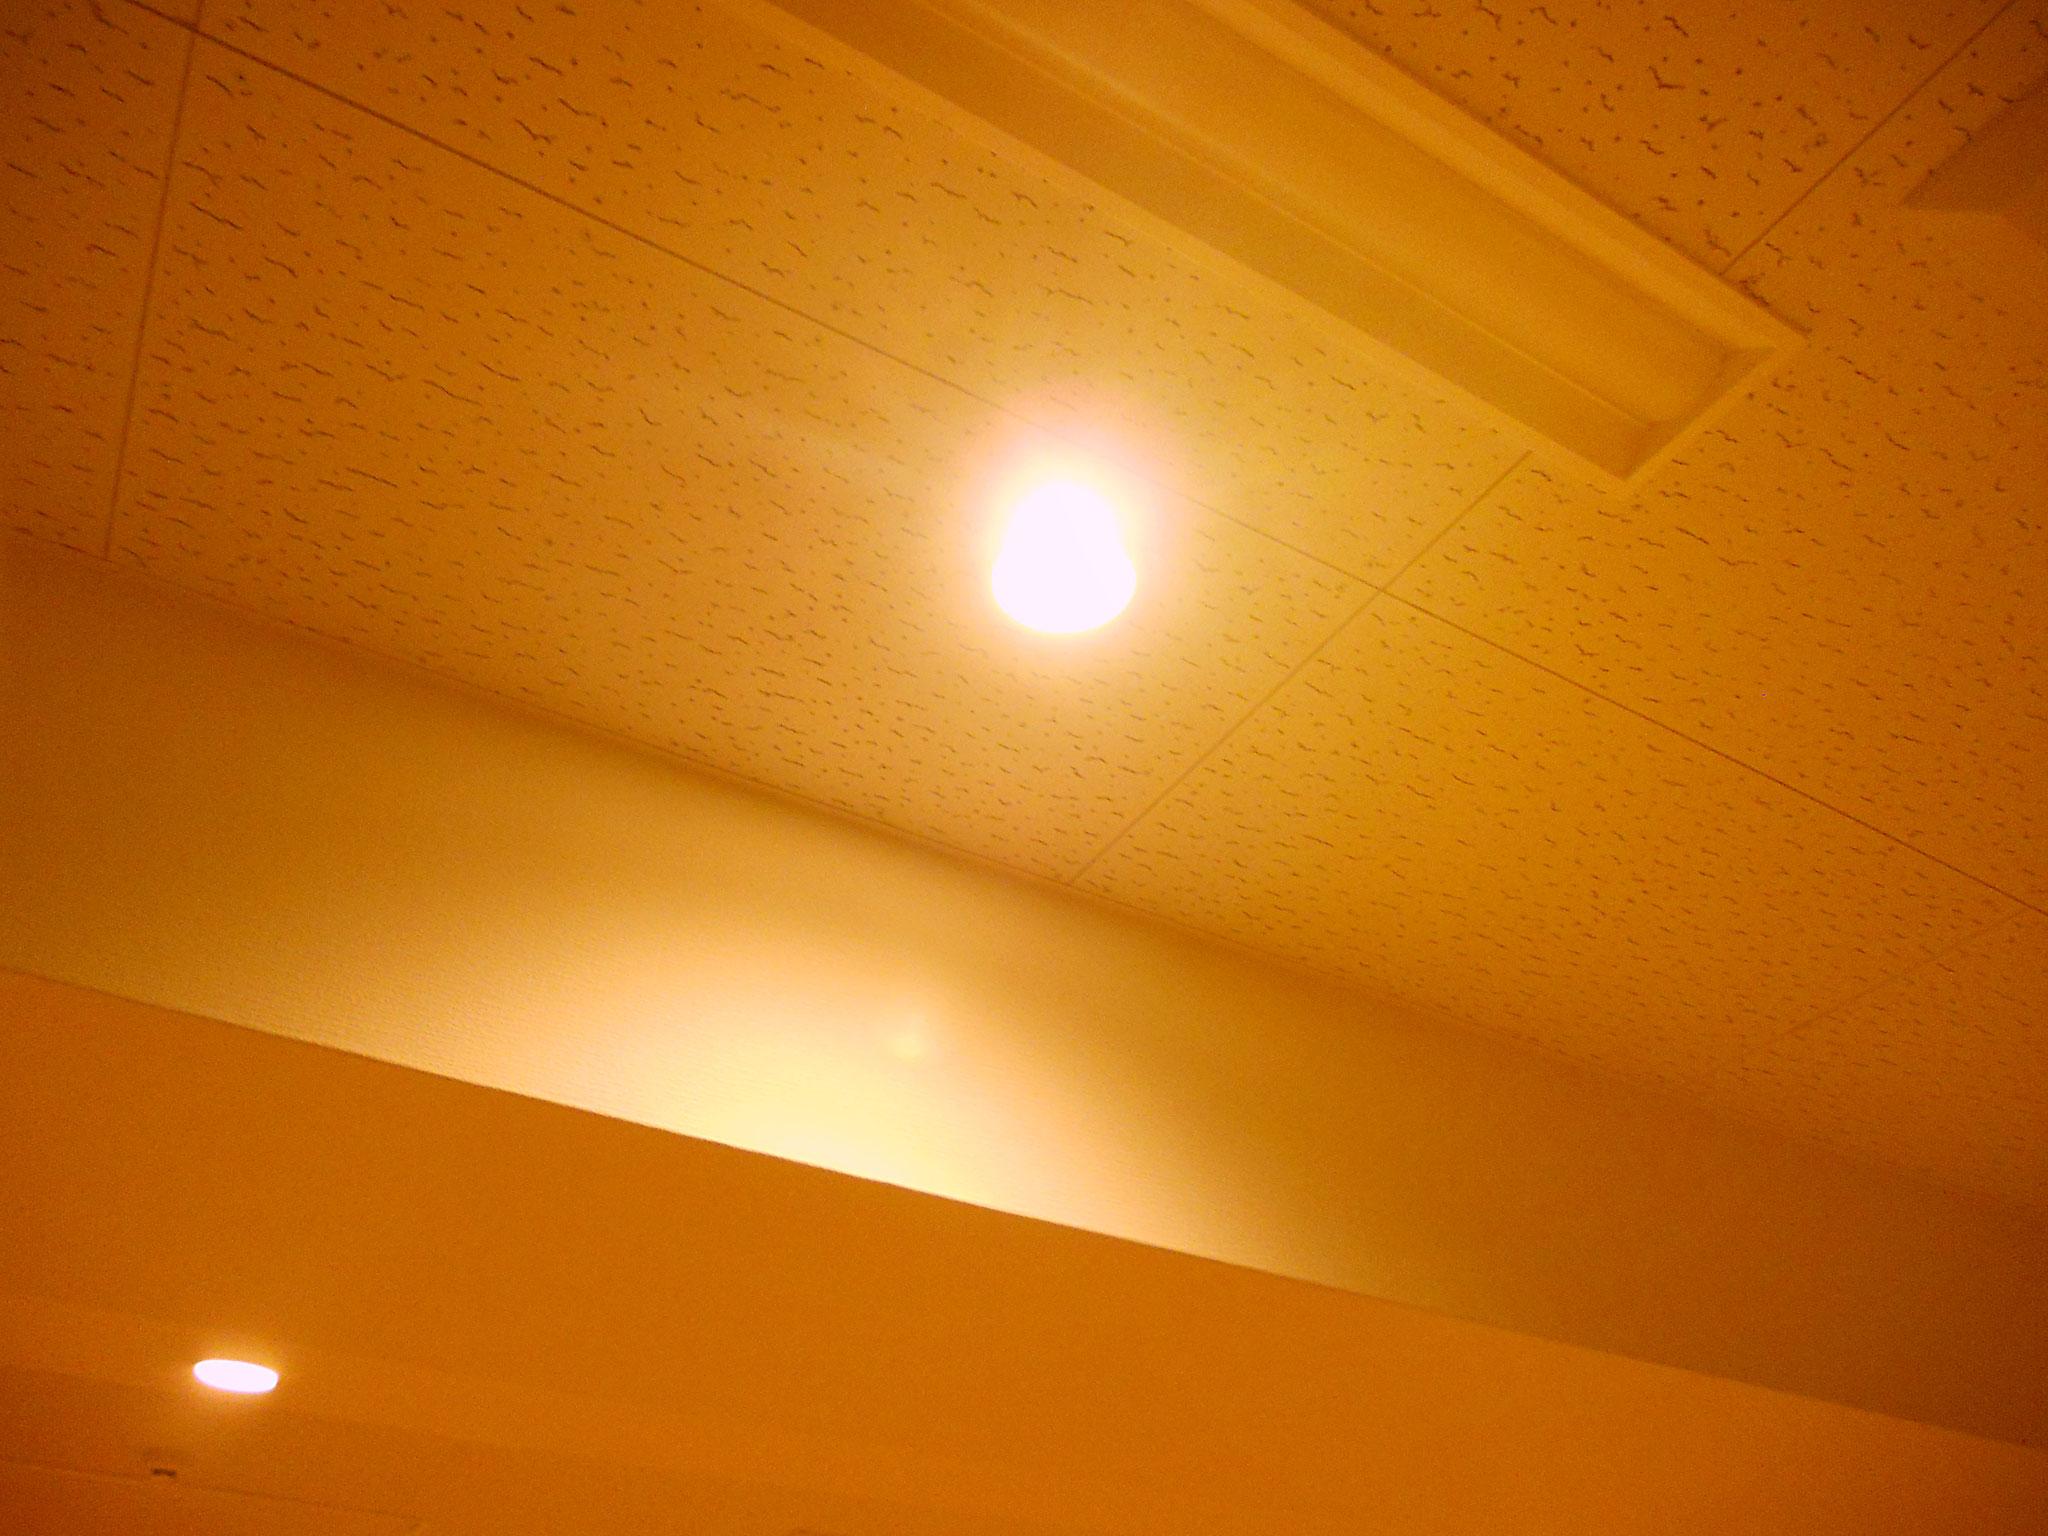 明りは二種類あり使い分けができます。